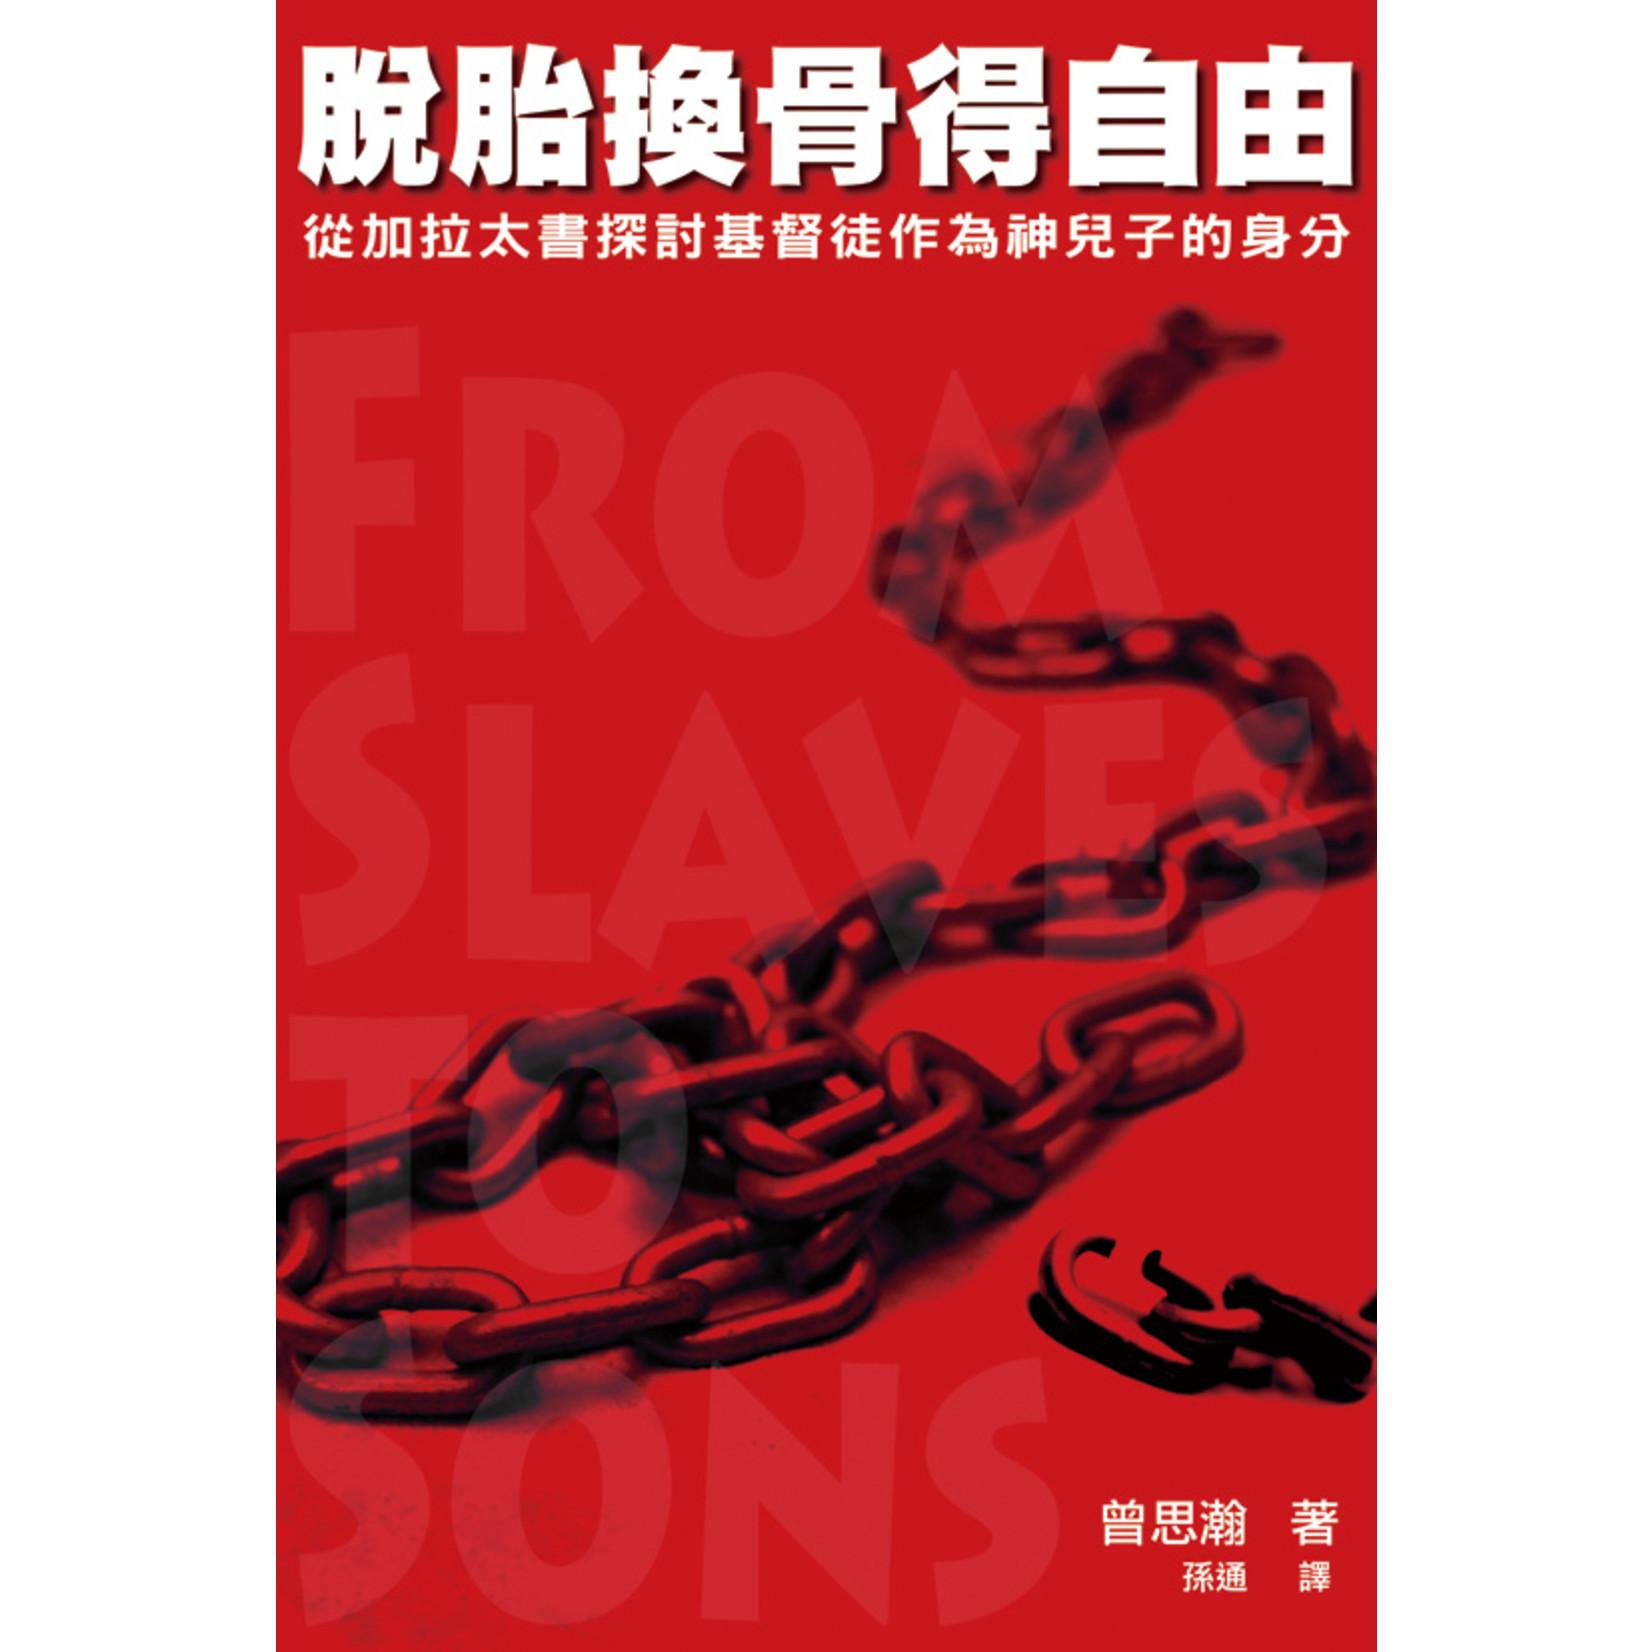 天道書樓 Tien Dao Publishing House 脫胎換骨得自由:從加拉太書探討基督徒作為神兒子的身分